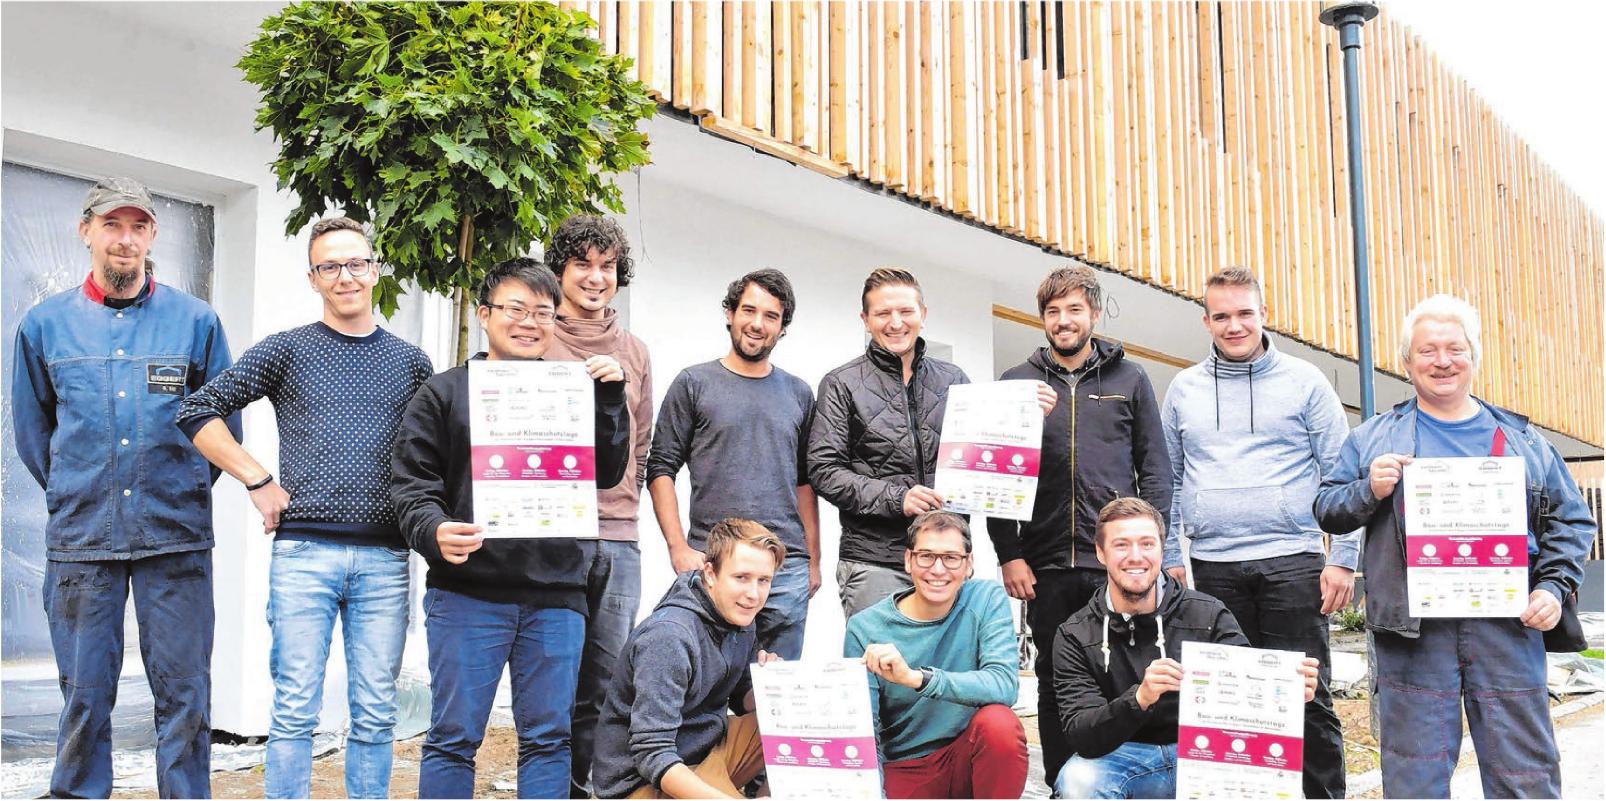 Peter Kaufmann und sein Team setzen auf energieeffizientes, ökologisches Bauen. Fotos: Jürgen Emmenlauer